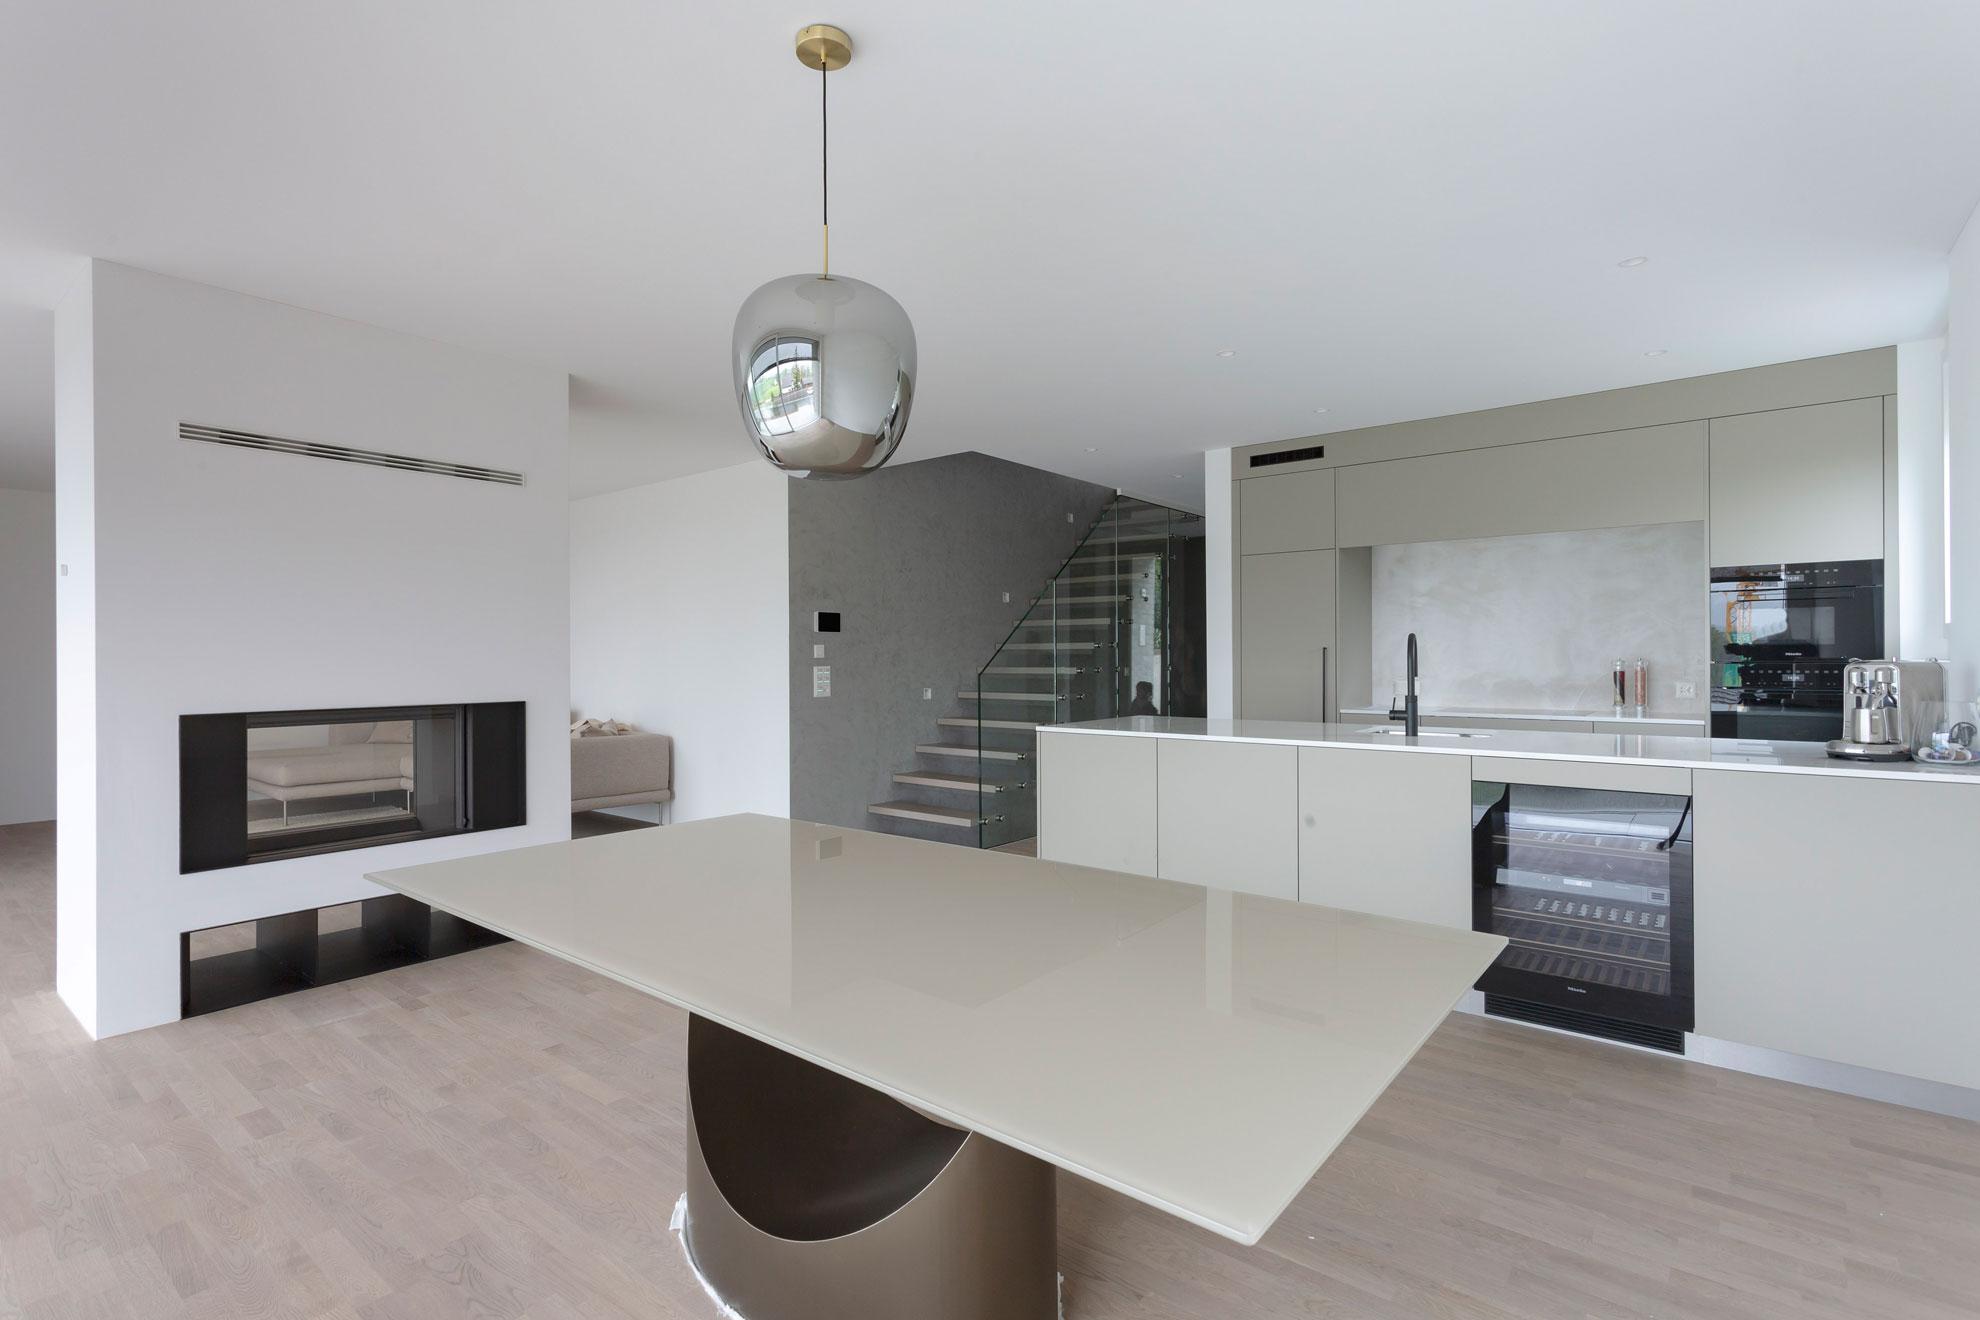 Doppel Einfamilienhaus in Oberwil BL, Baumgartner Architektur Aesch, Fotografie Matthias Dietrich, Fotofou